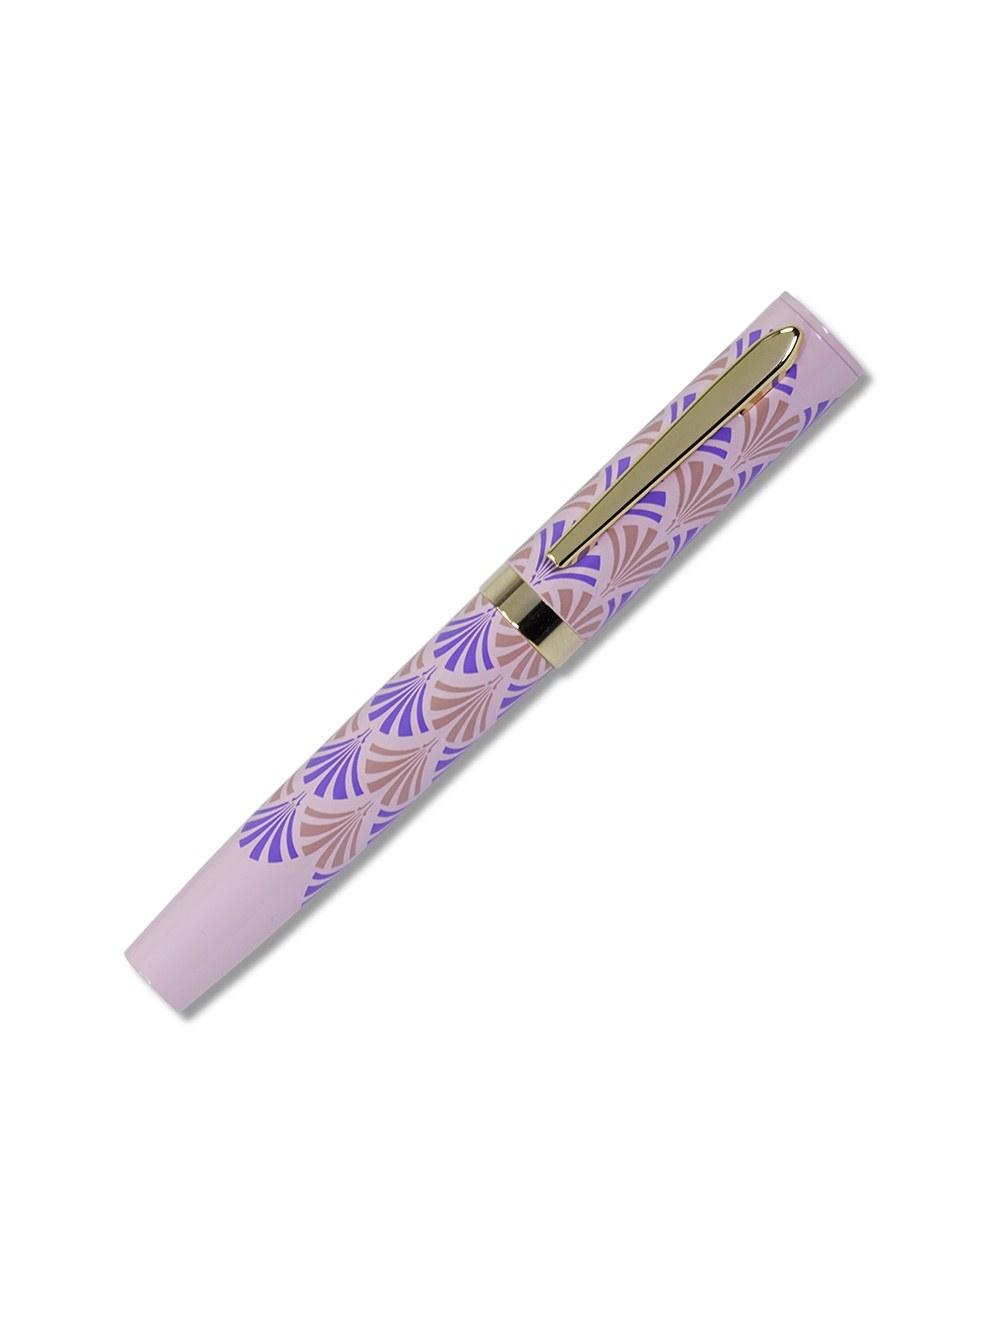 Laquered Bijoux Mini Pen